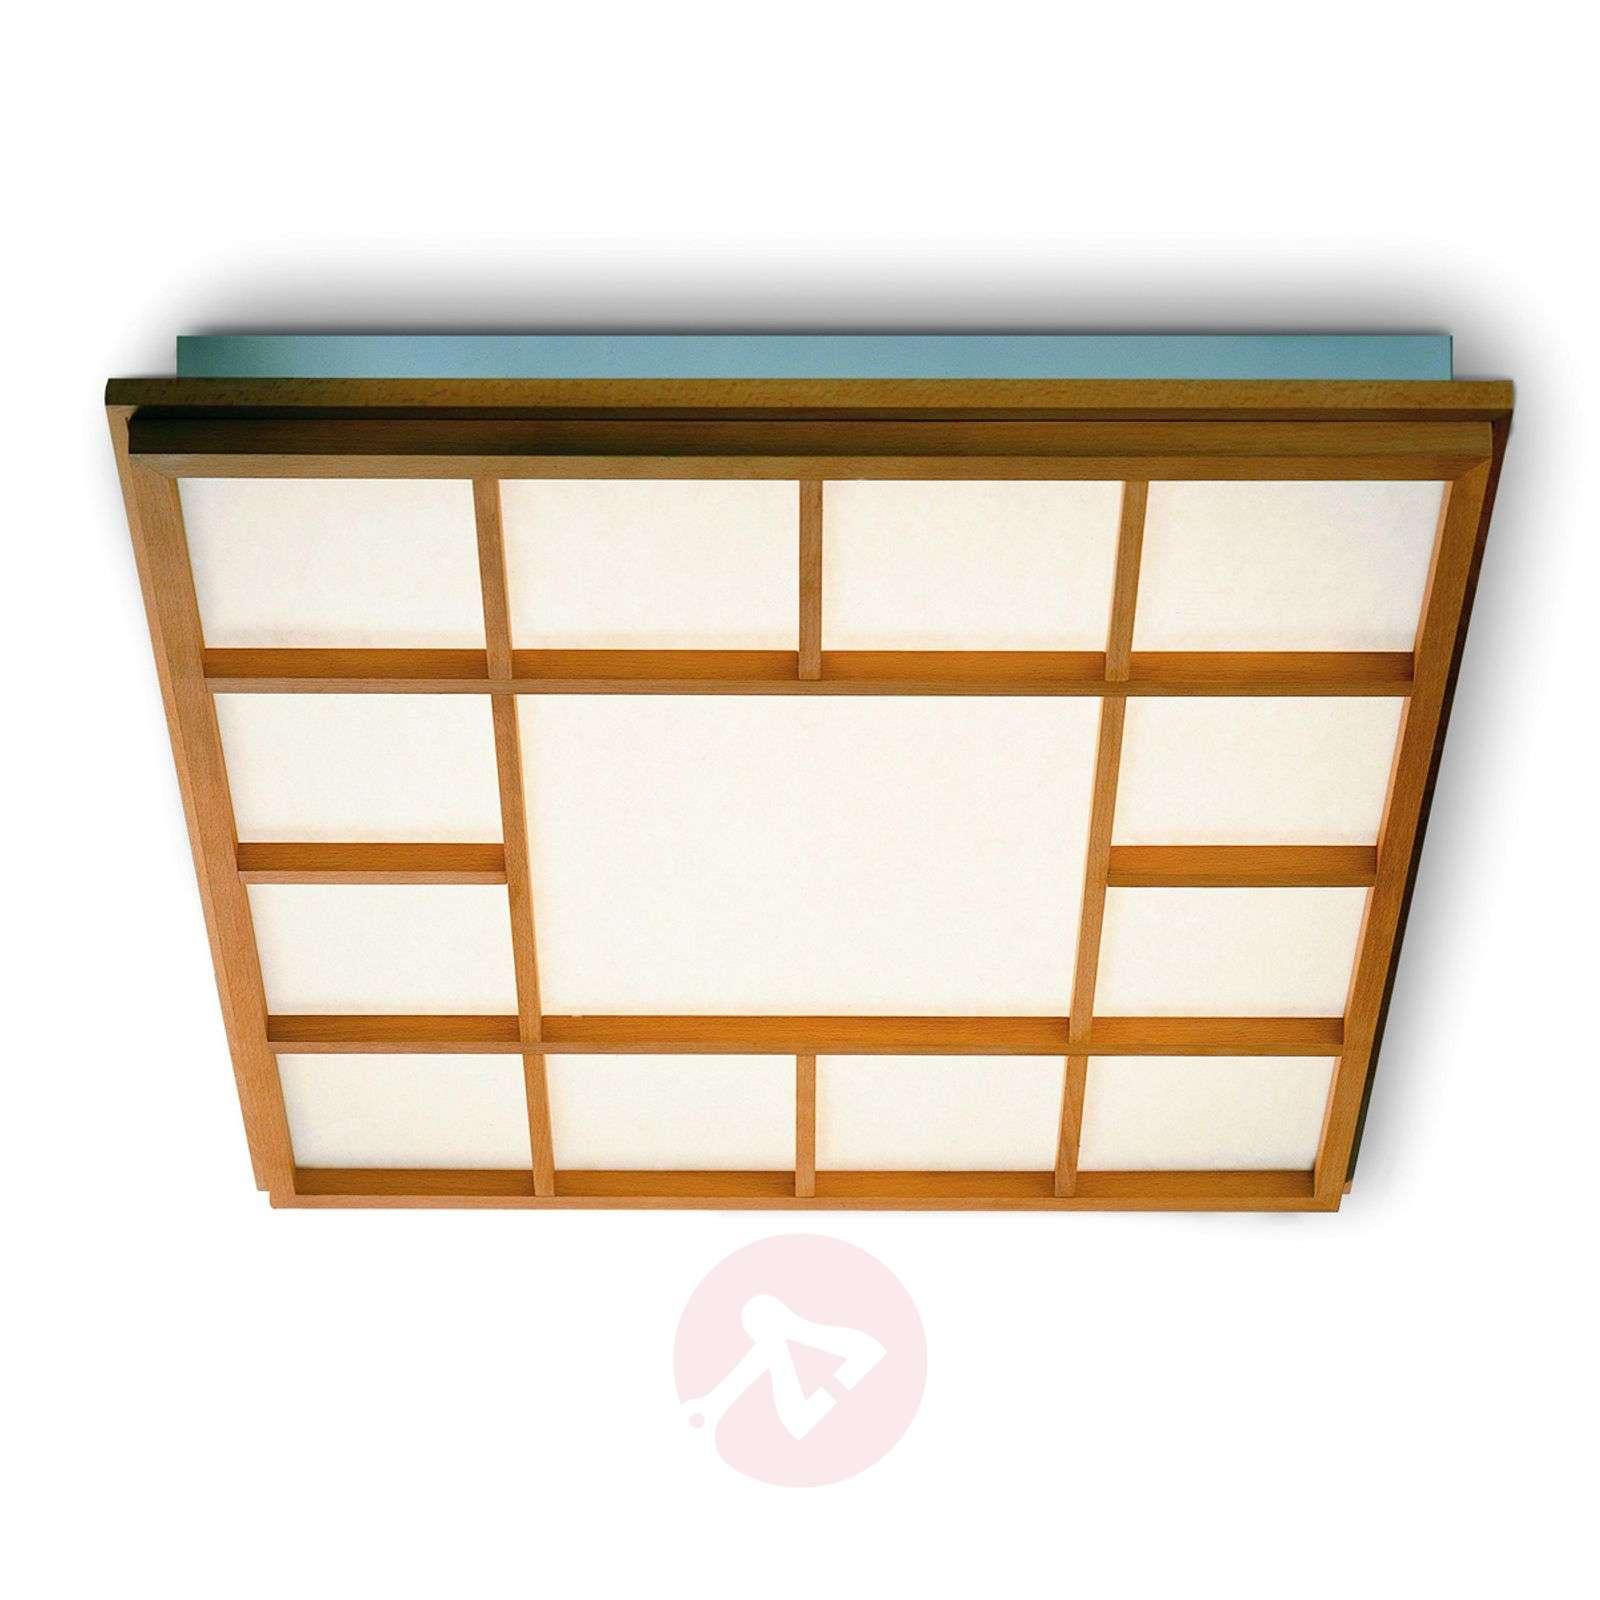 Neliön mallinen LED-kattolamppu Kioto 13, pyökki-2600511-01